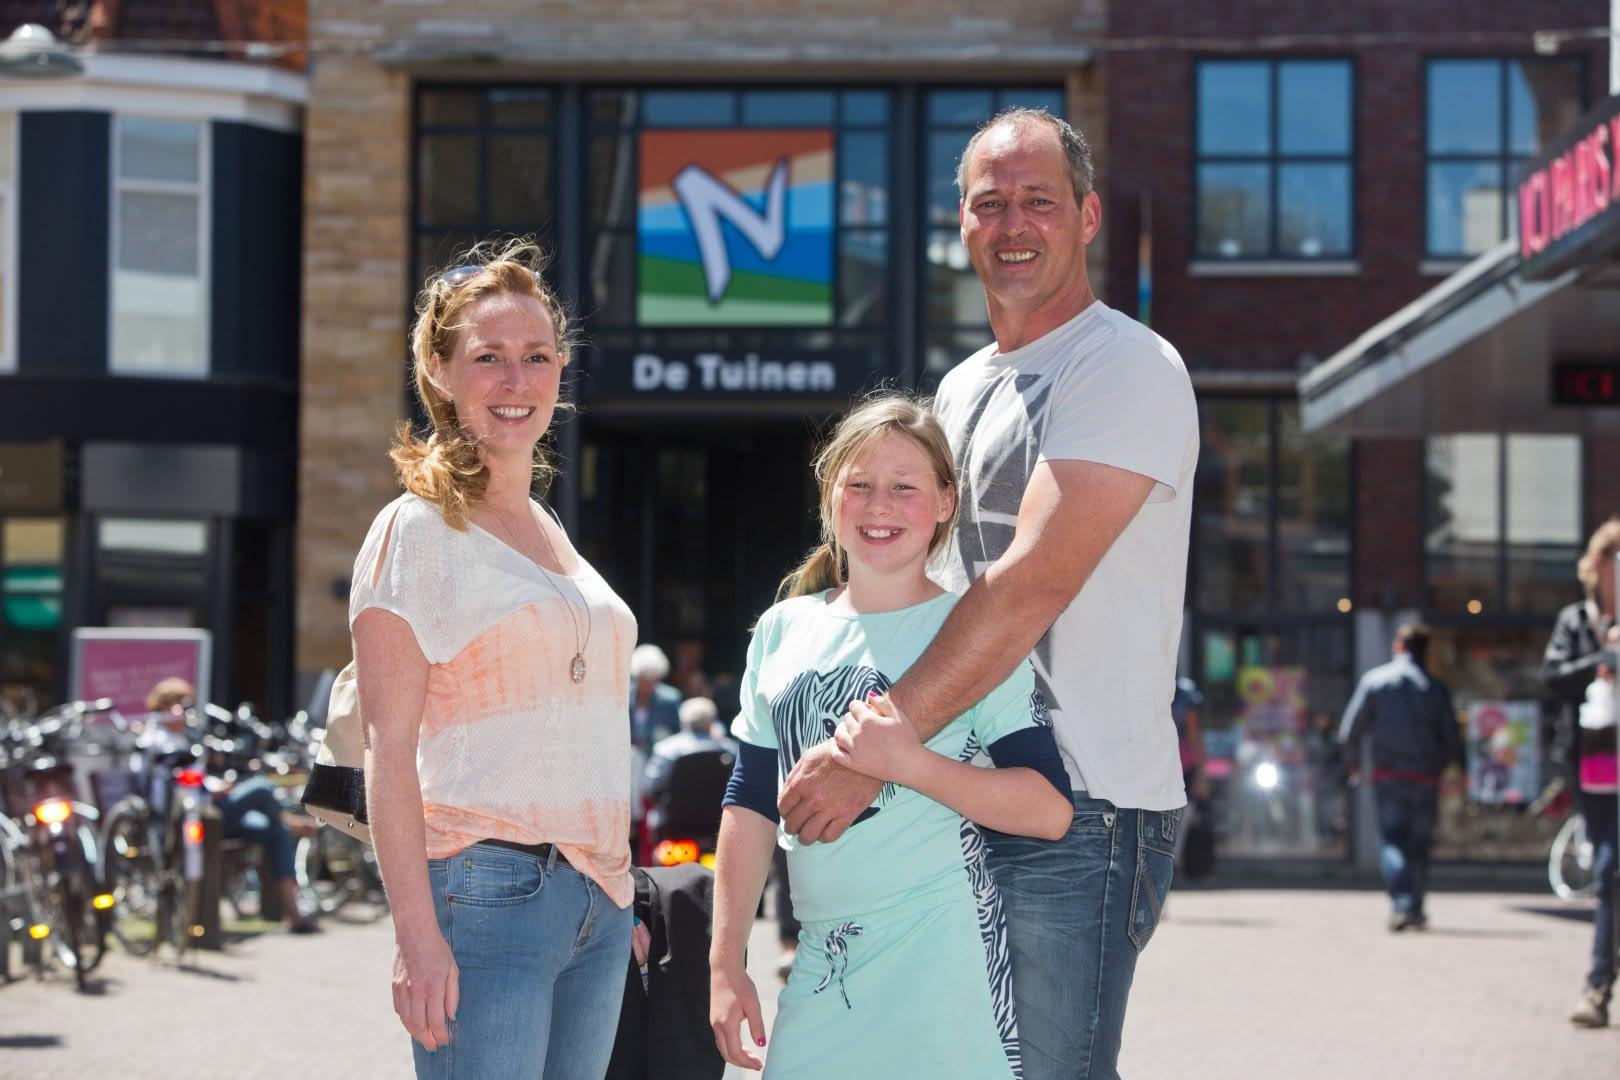 gezin met jonge dochter poseren voor de ingang van Winkeldentrum de Tuinen in Naaldwijk in het Westland